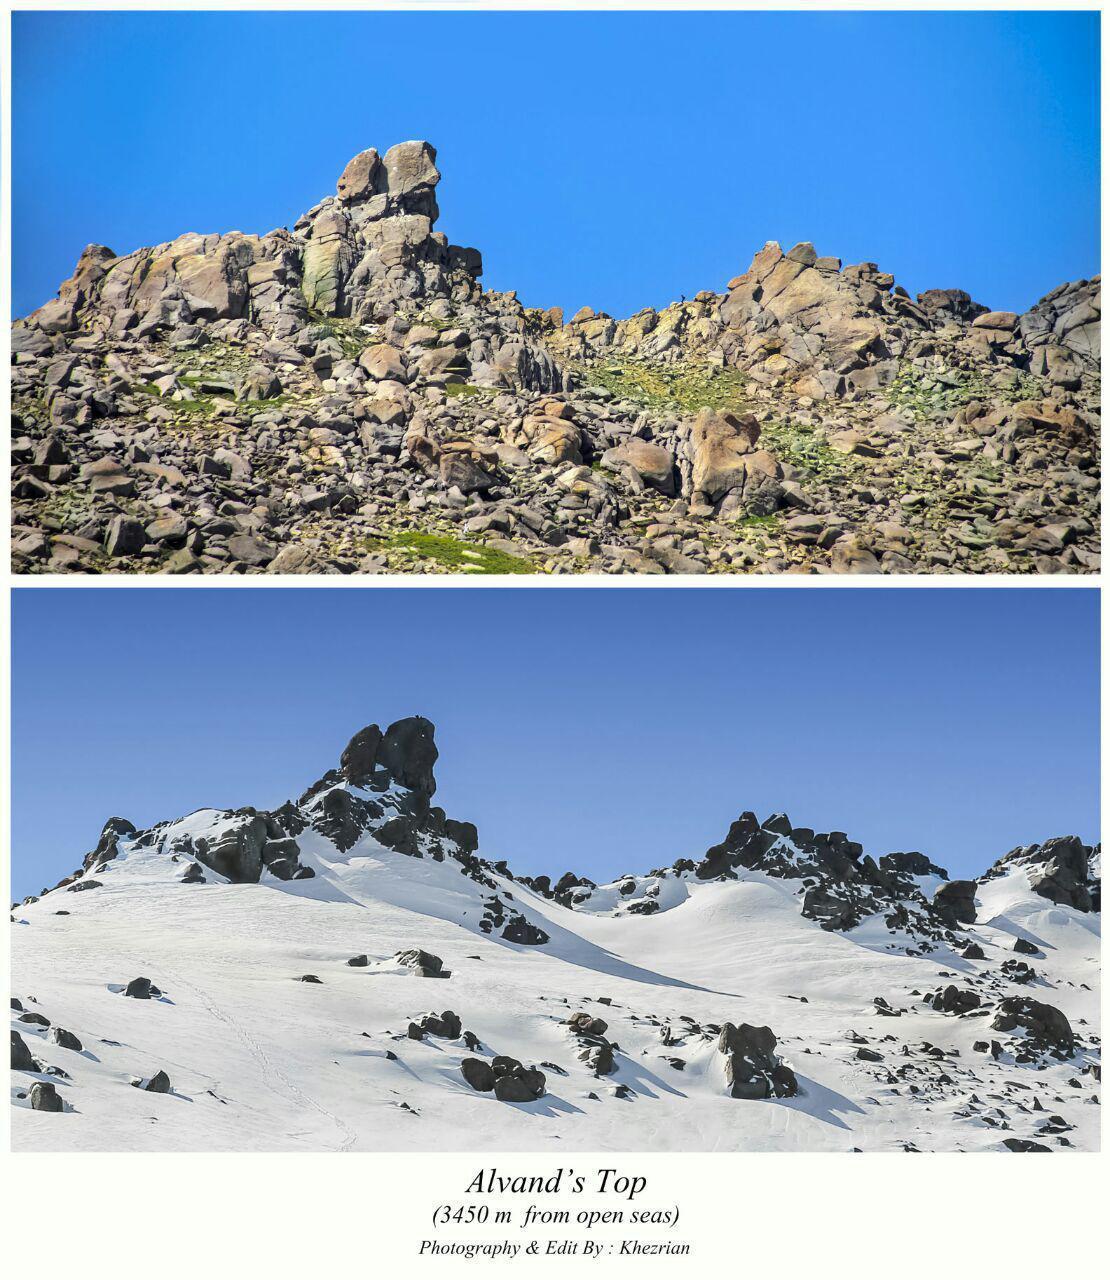 ارتفاعات کوه الوند در دو فصل متفاوت